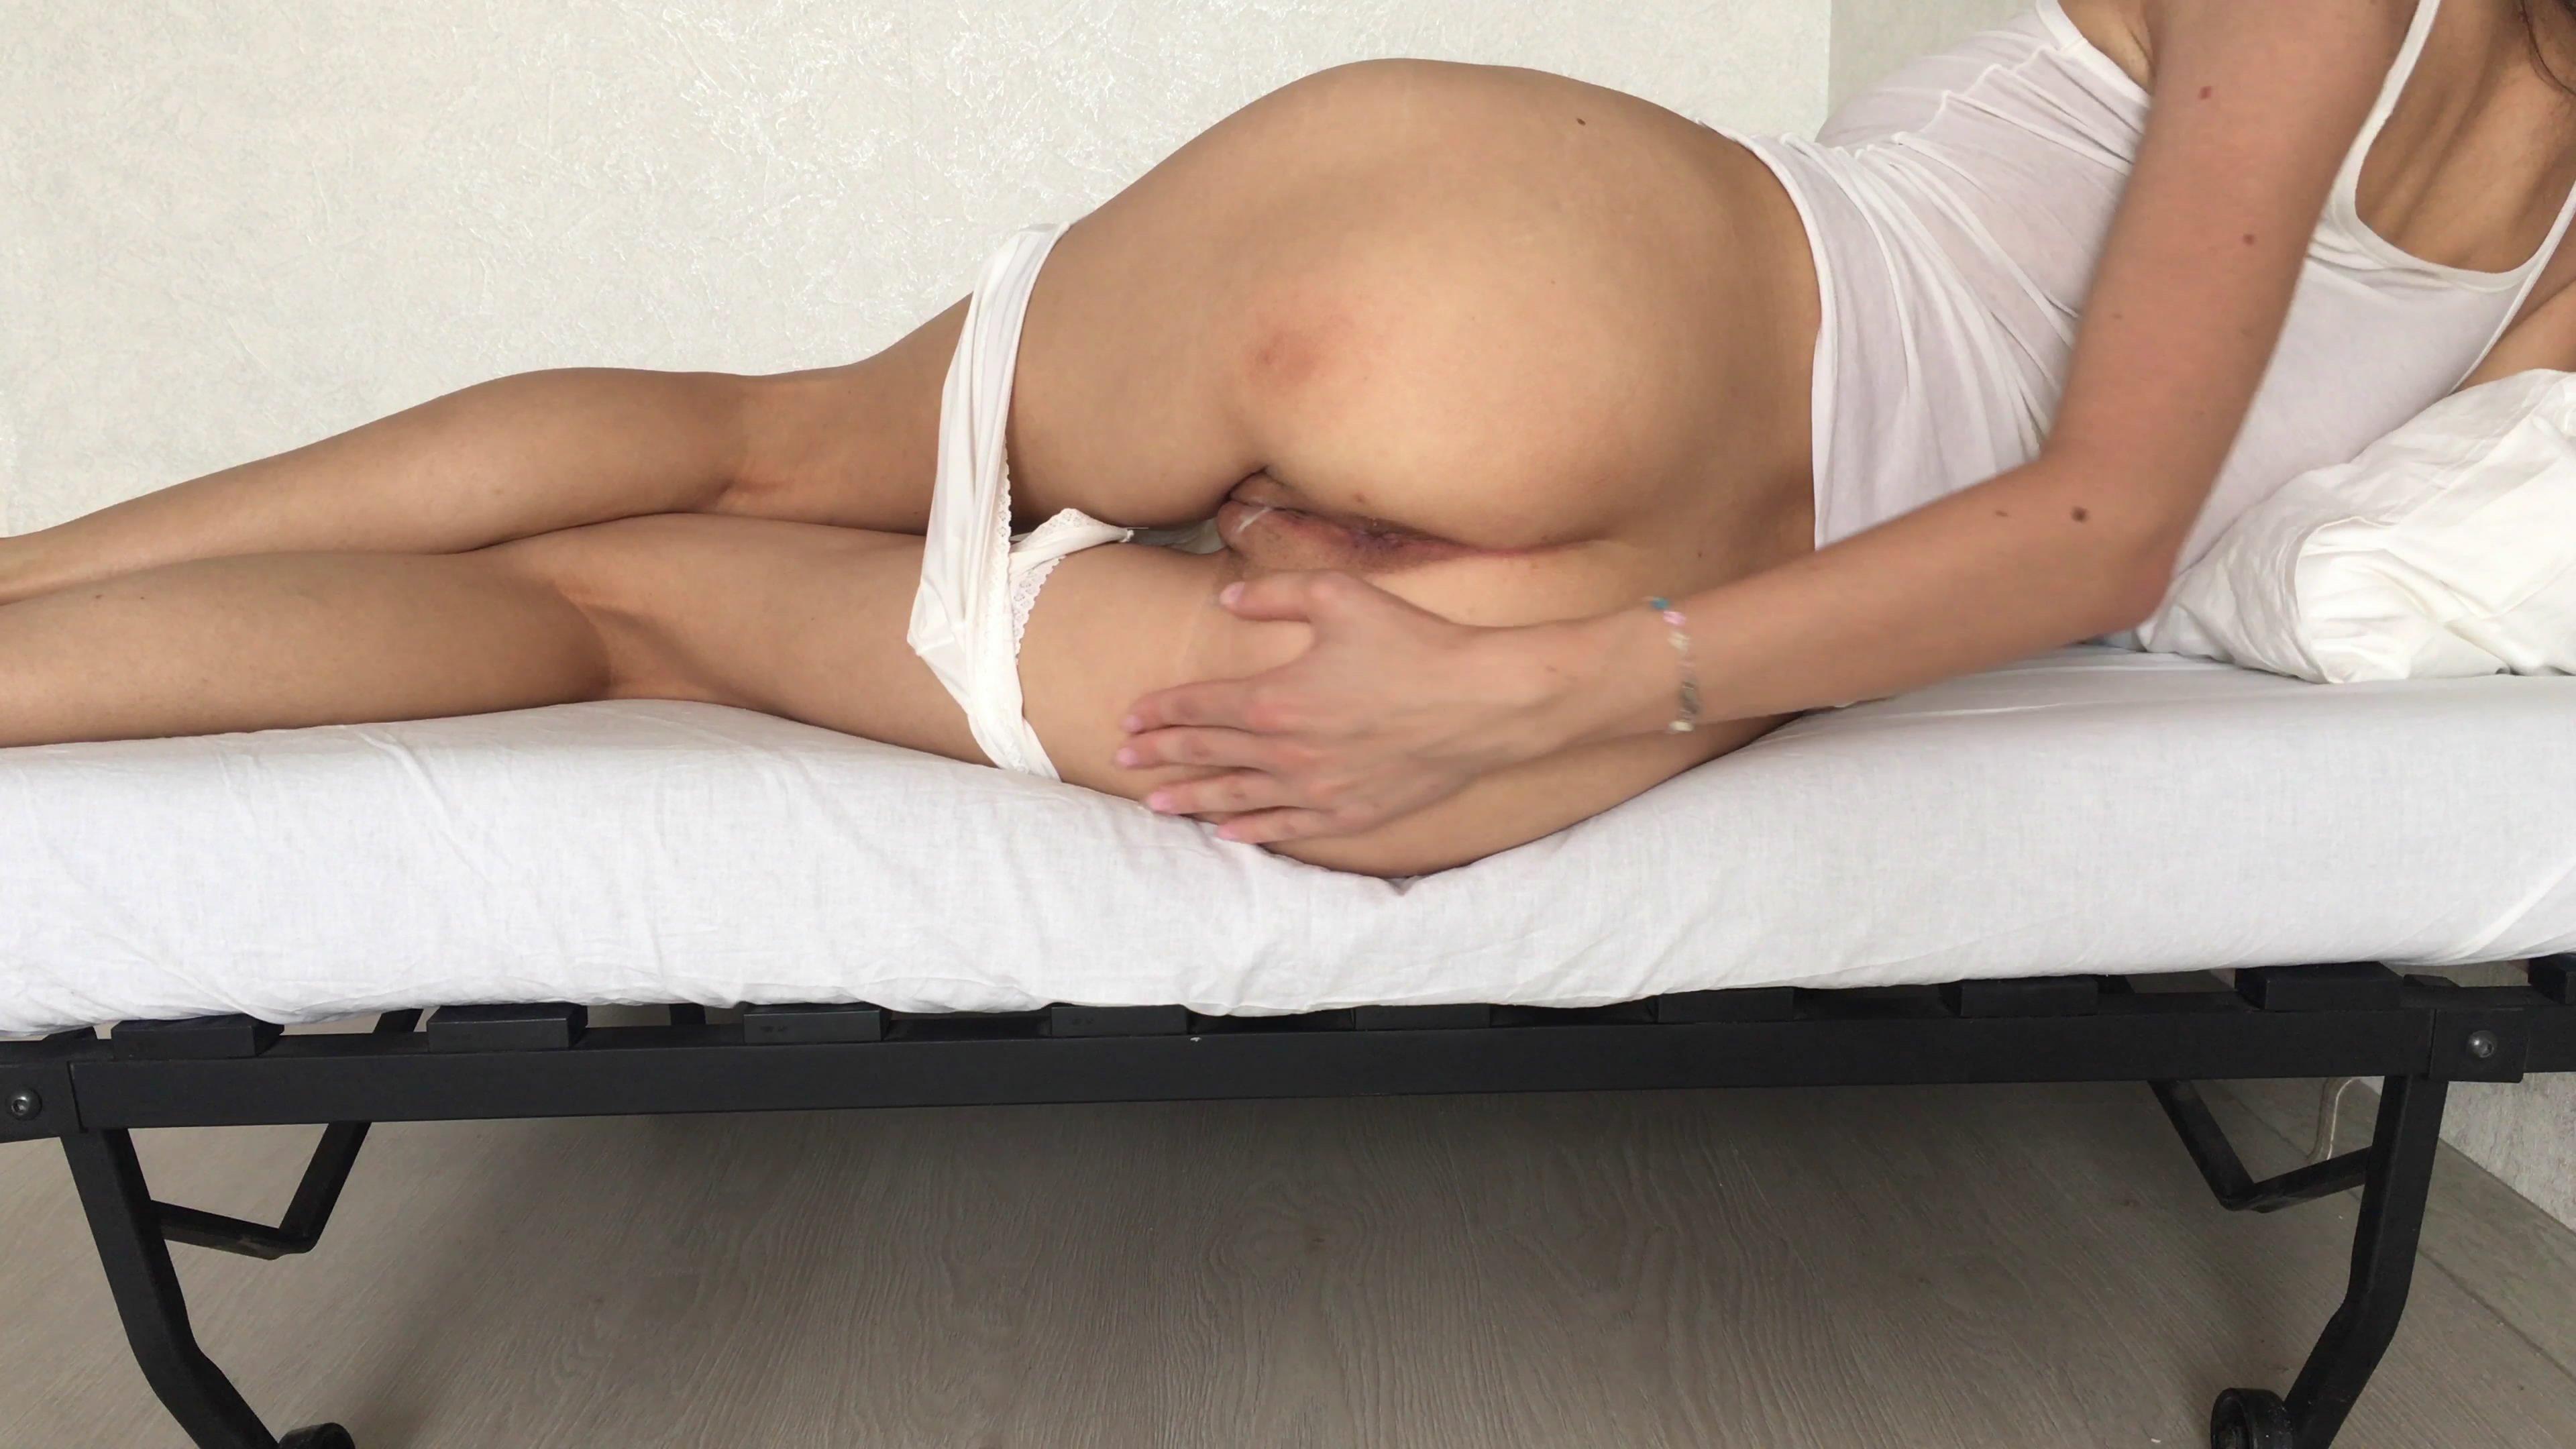 Doing dirty work lying on my bed starring in video Markovna ($7.99 ScatShop) – Poop Videos